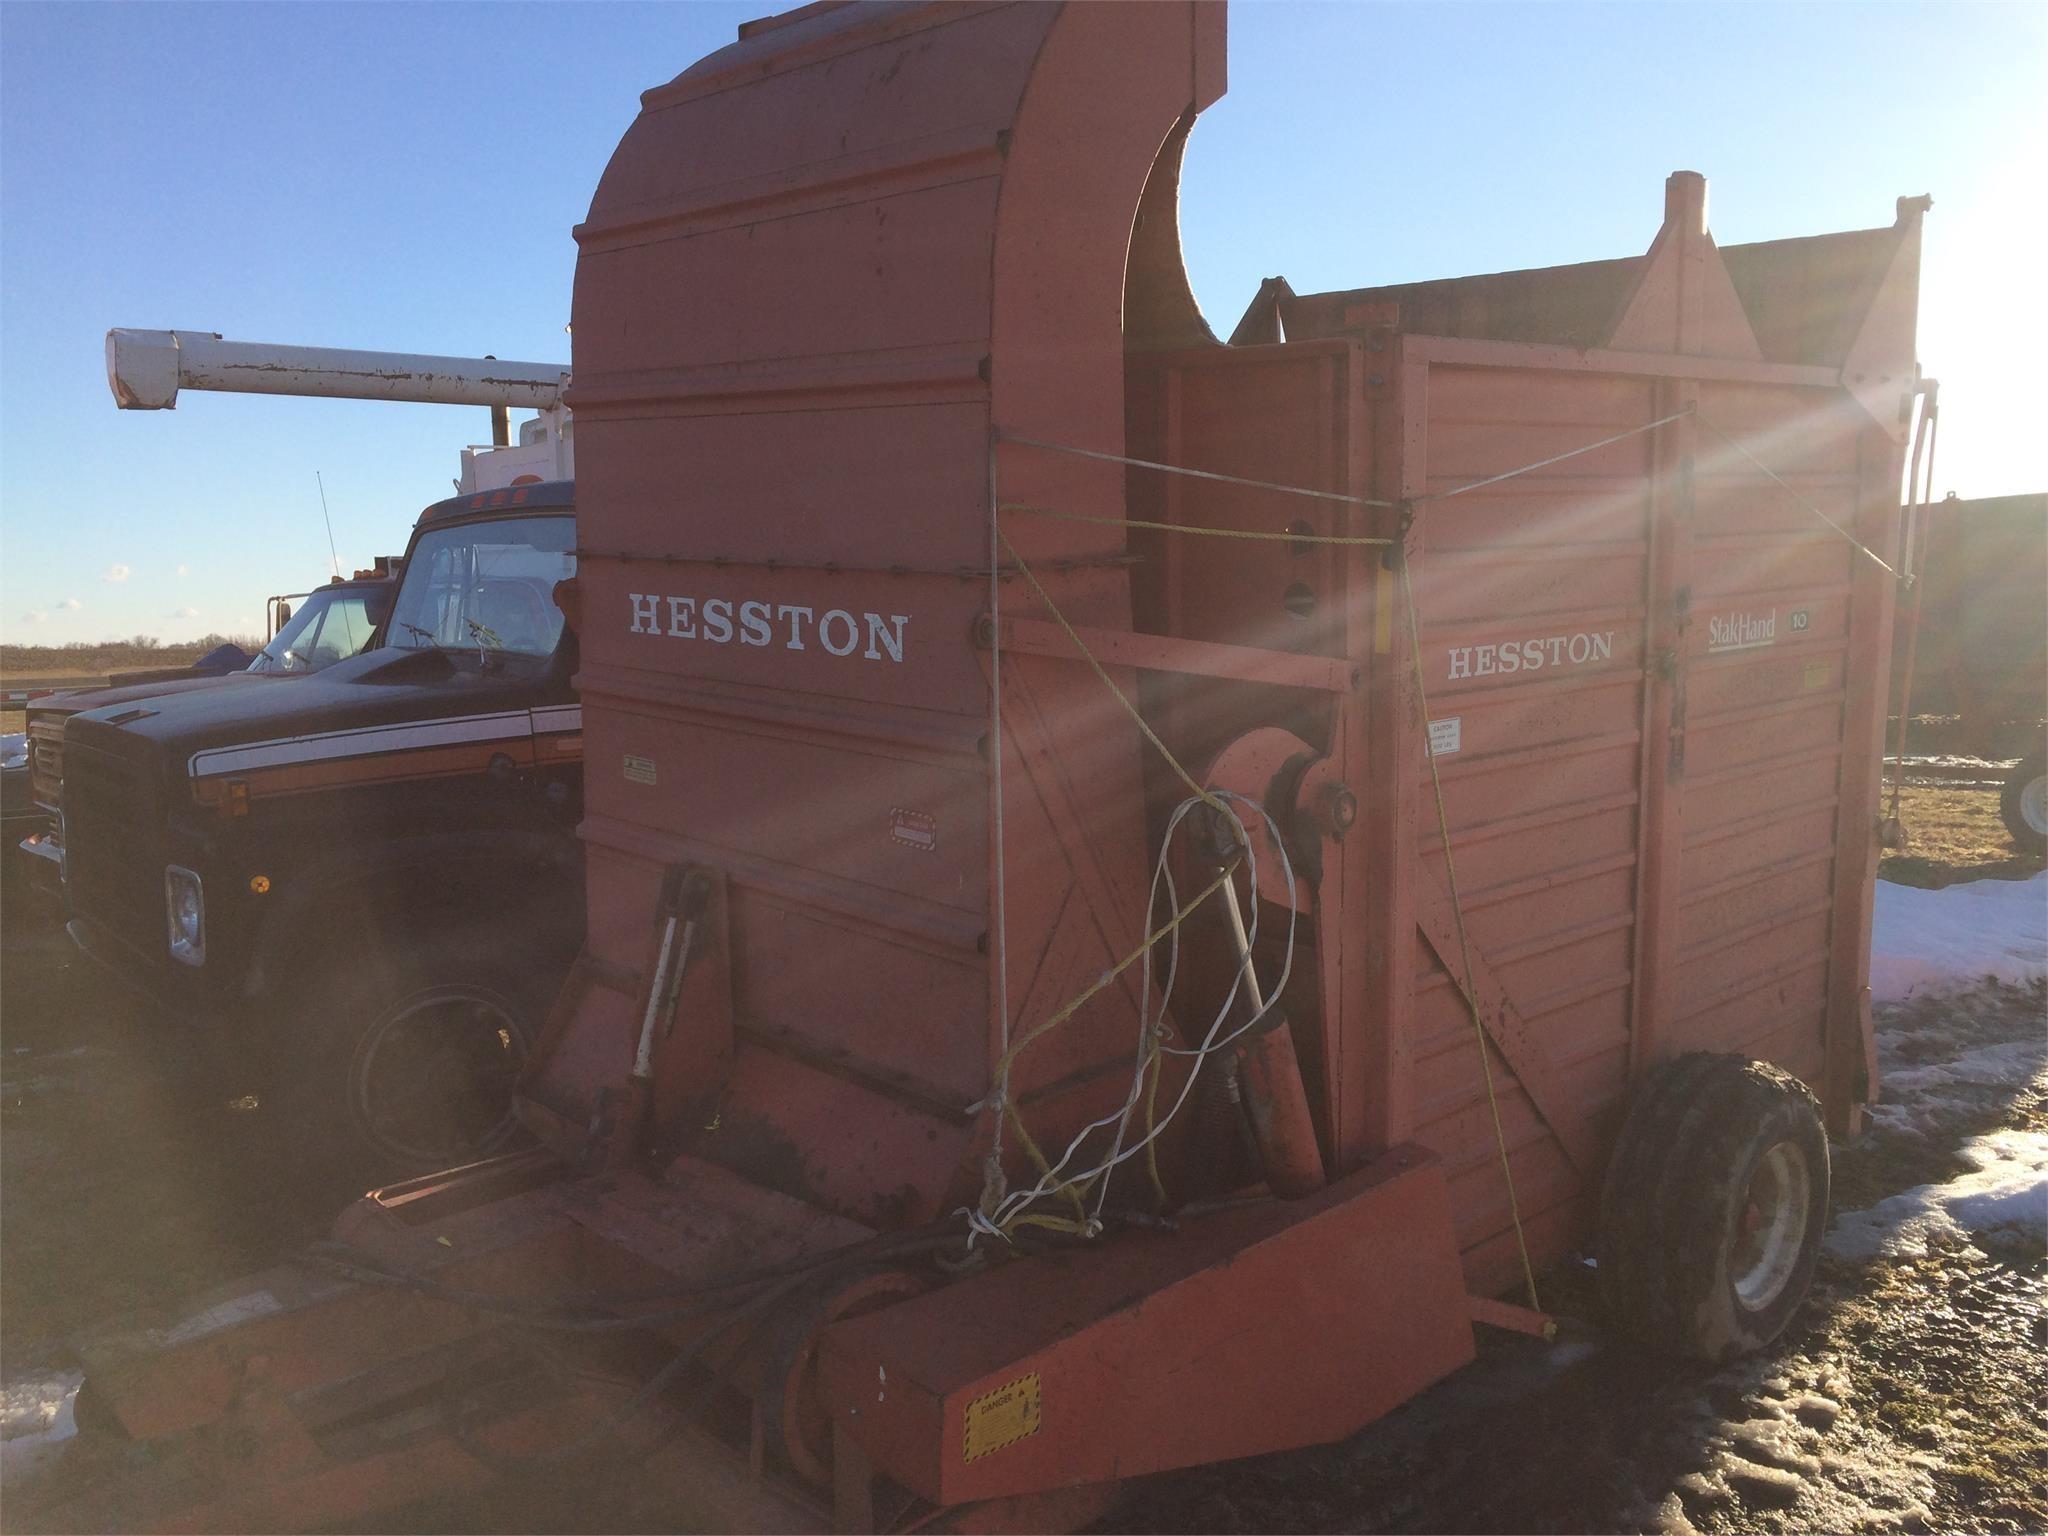 Hesston SH10 Hay Stacking Equipment